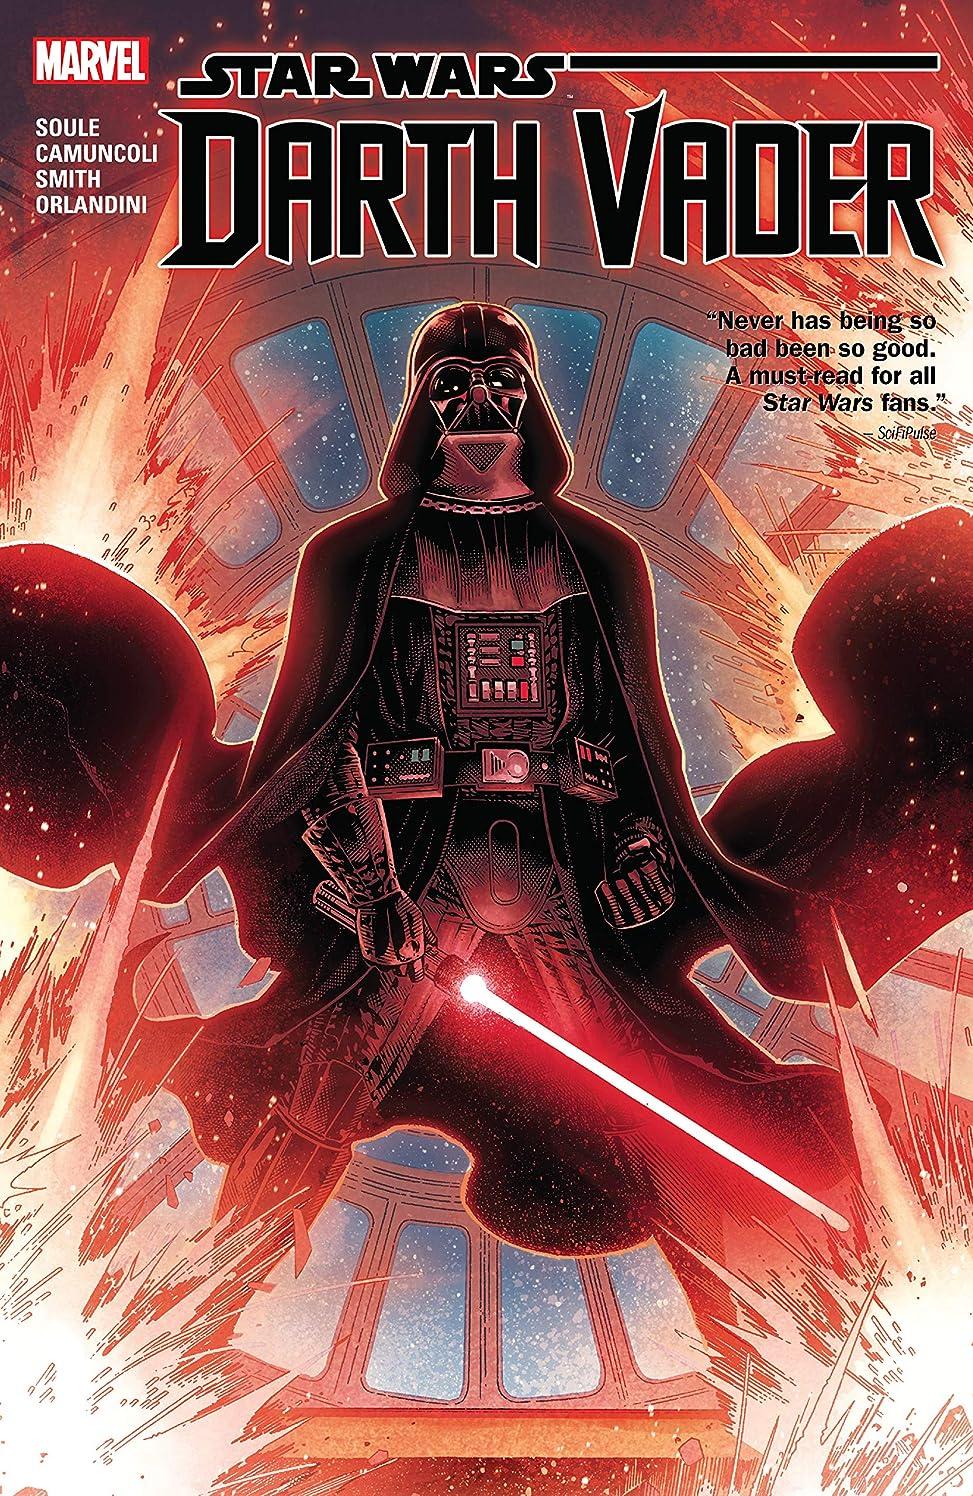 肯定的いたずらなやめるStar Wars: Darth Vader - Dark Lord Of The Sith Vol. 1 Collection (Darth Vader (2017-2018)) (English Edition)